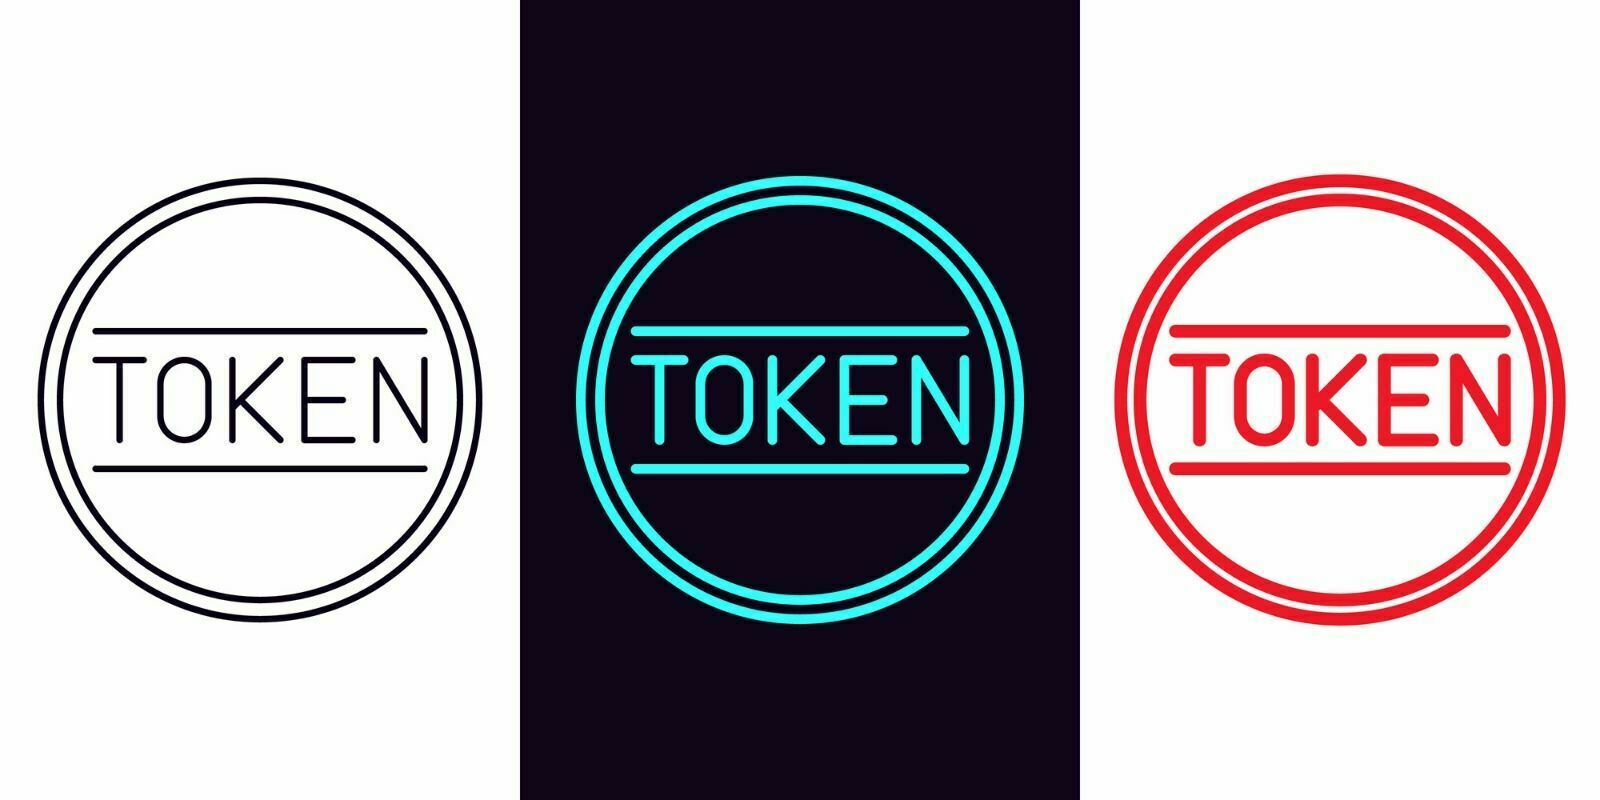 Qu'est-ce qu'un non fungible token (NFT) ou token non fongible ?